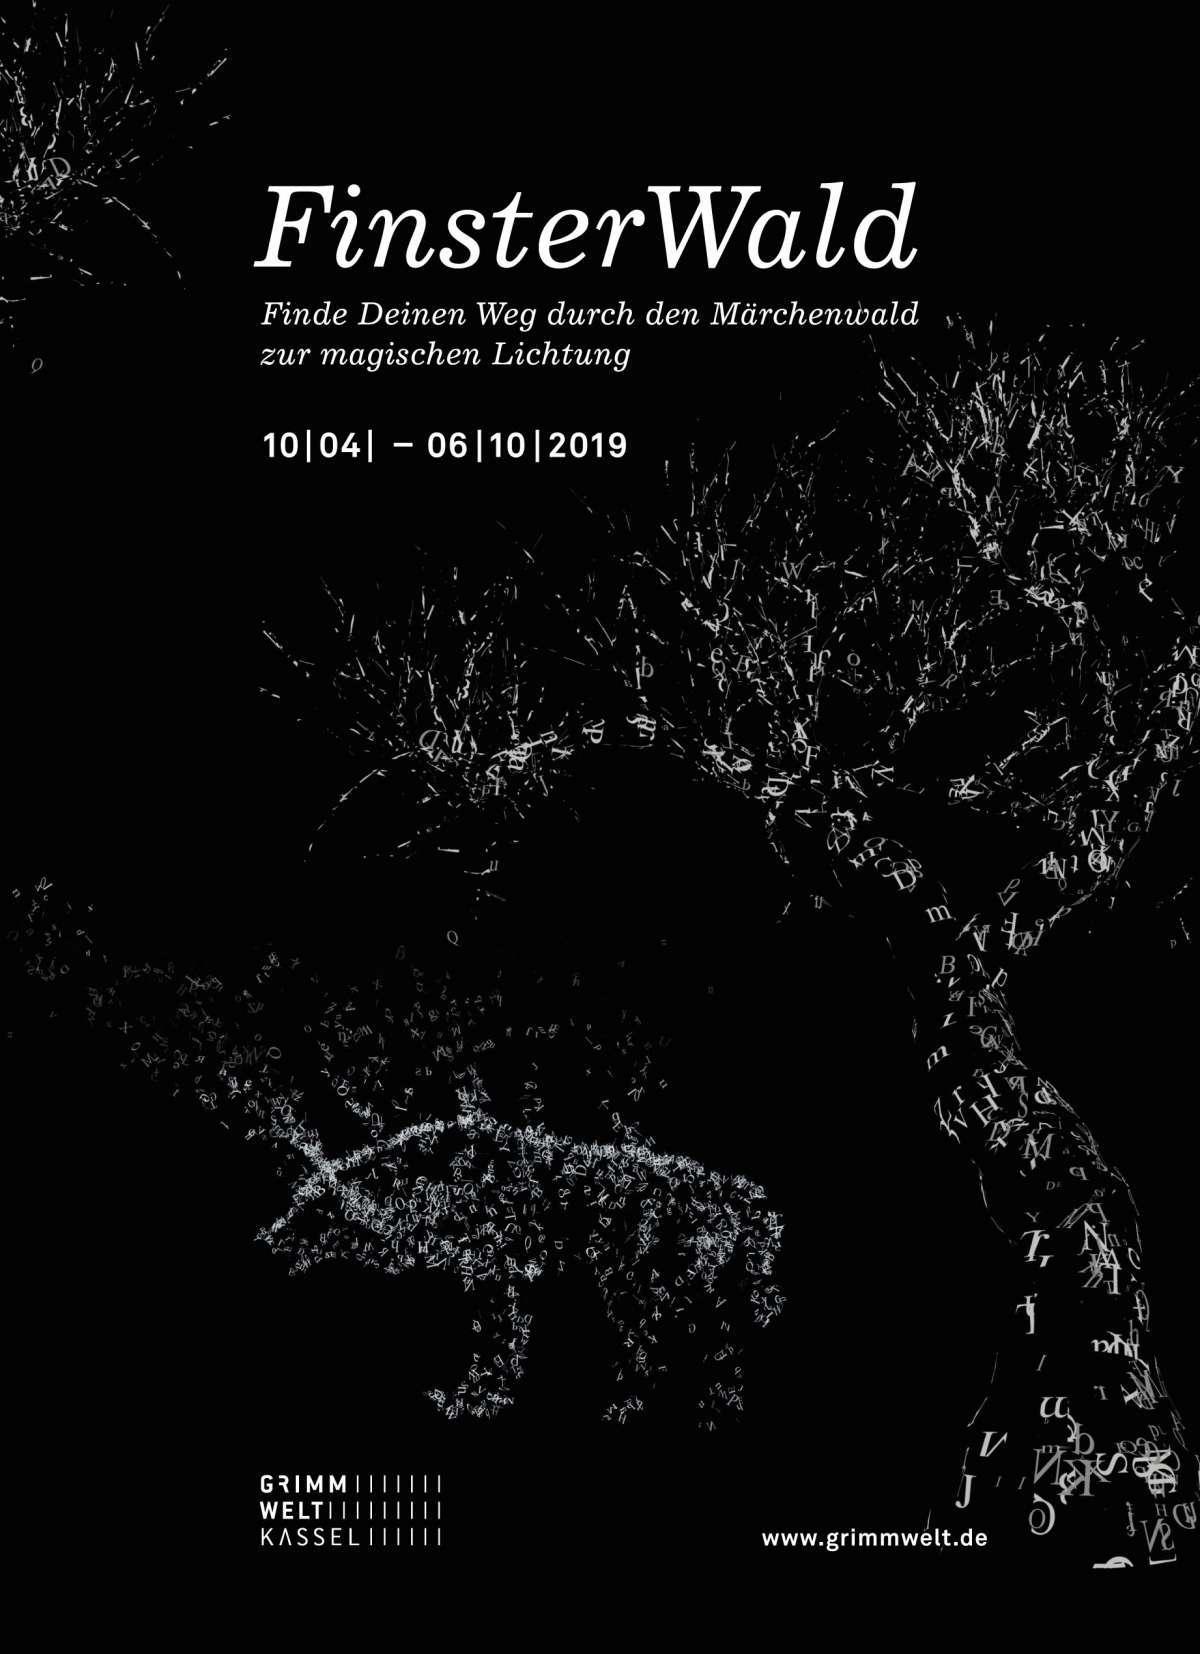 Veranstaltungen & Events am »Montag, 16. September 2019« in deiner Nähe...